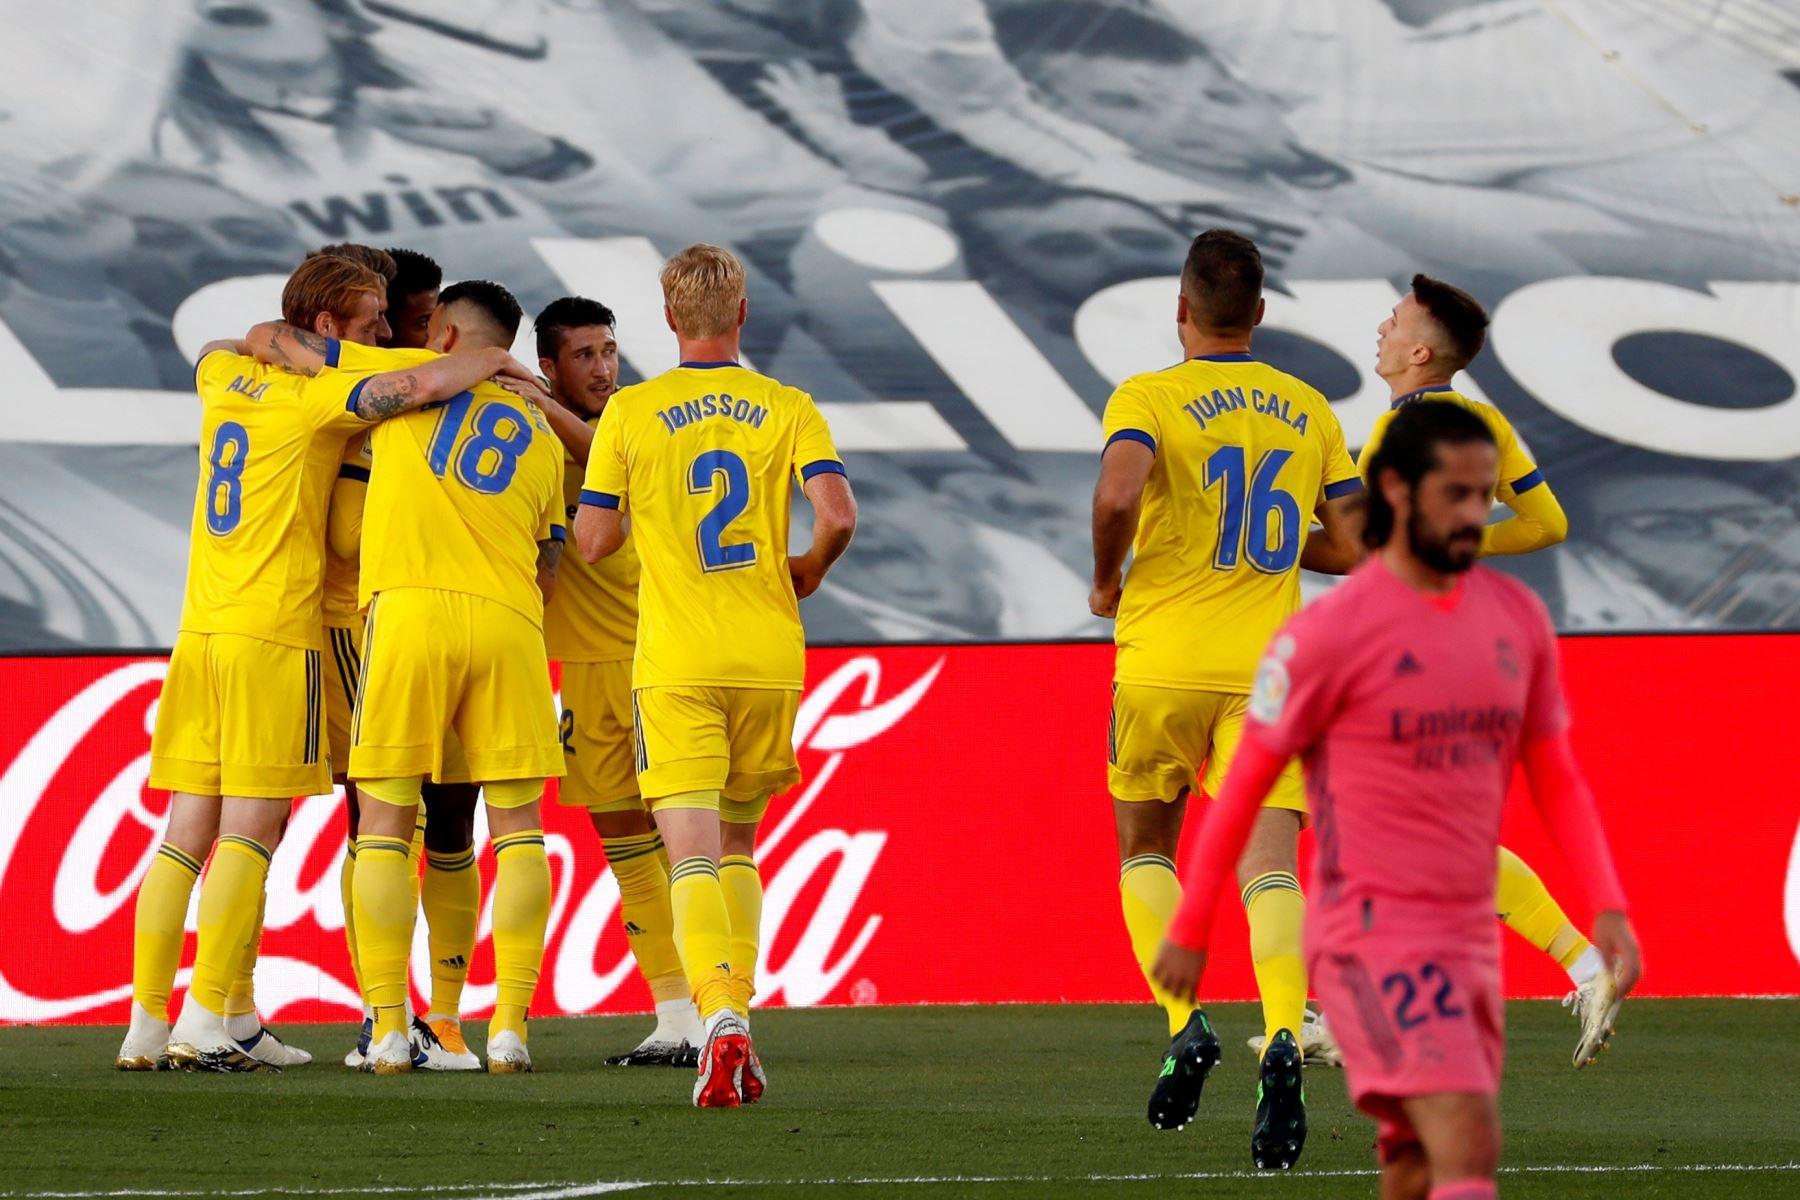 Los jugadores del Cádiz celebran tras marcar ante el Real Madrid durante el partido de la Liga española en el estadio Alfredo Di Stefano, en Valdebebas, noreste de Madrid. Foto: EFE